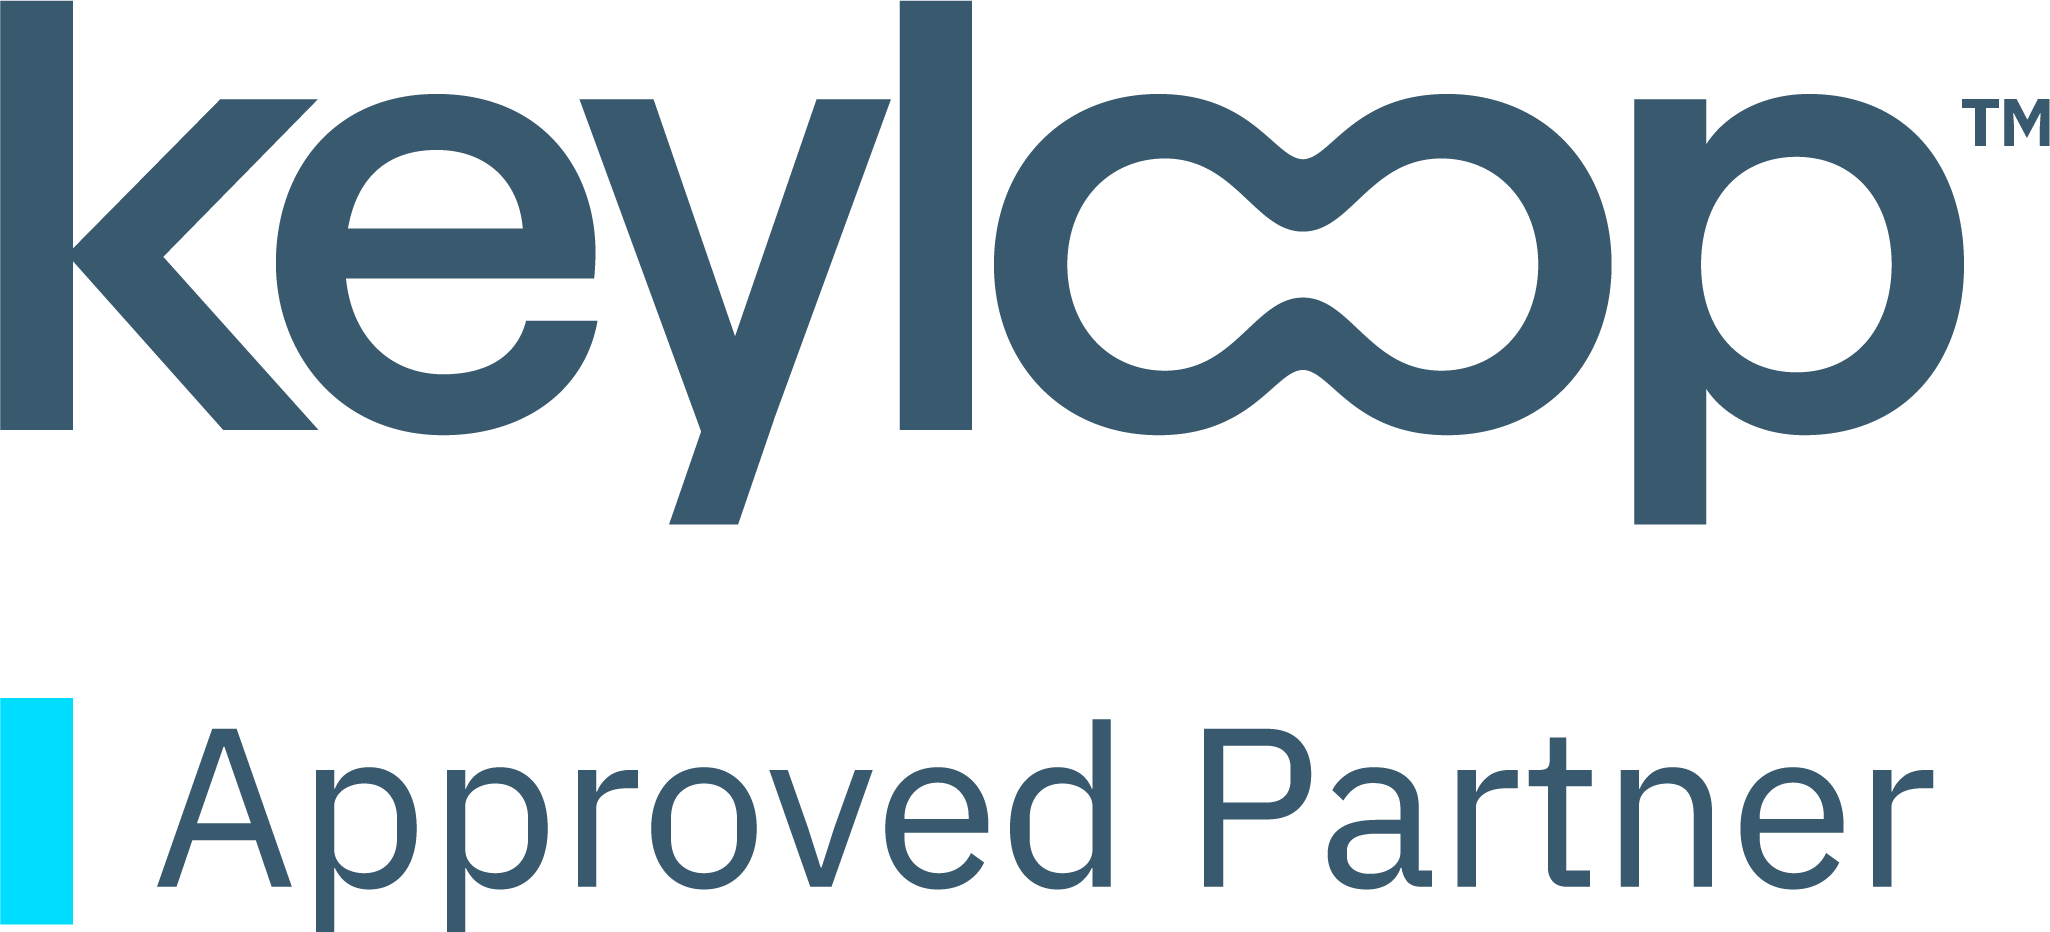 Keyloop Approved Partner